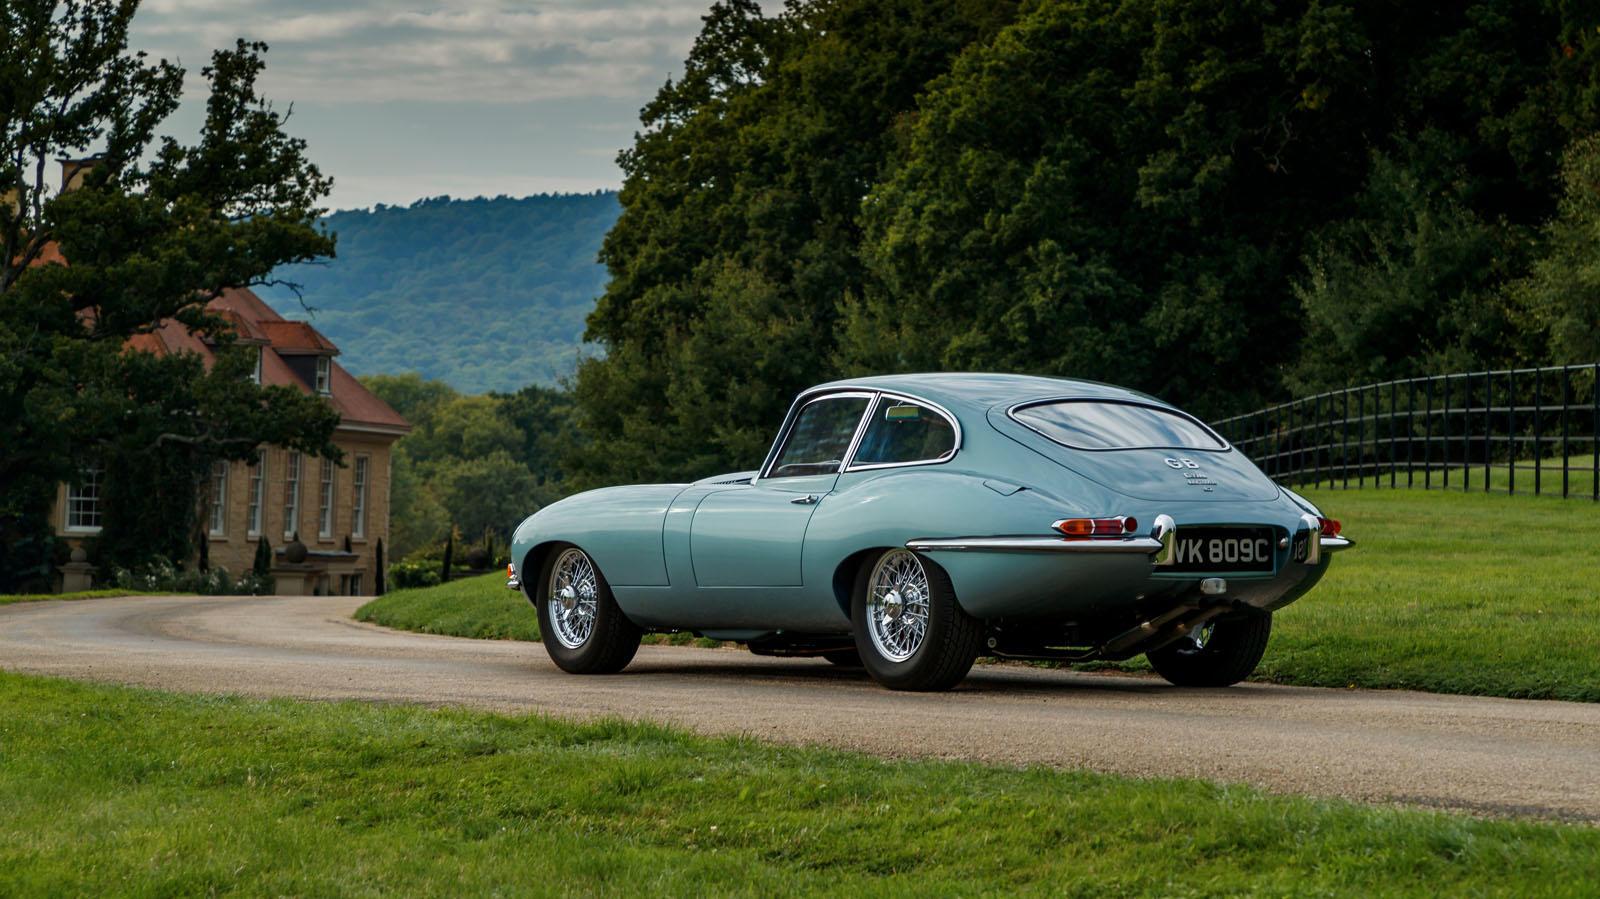 Konzept-Multi: Unter der langen Haube eine Rohrrahmen-Konstruktion, dahinter ein Monocoque, dazu eine aufwändige Hinterachs-Konstruktion, an der Jaguar bis 2004 nur Detailverbesserungen vornimmt.